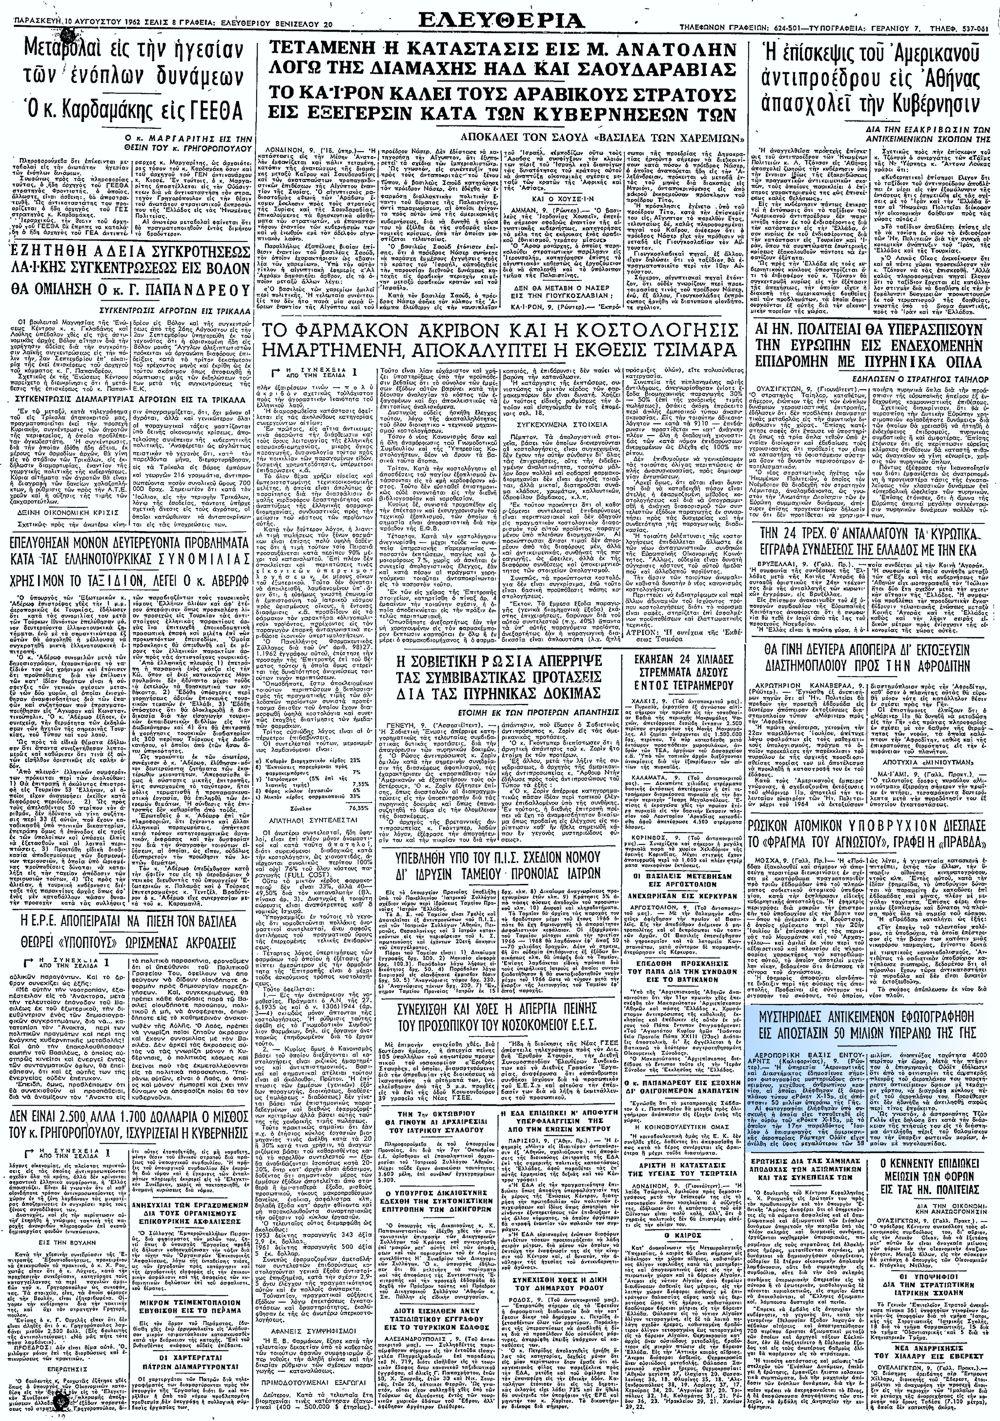 """Το άρθρο, όπως δημοσιεύθηκε στην εφημερίδα """"ΕΛΕΥΘΕΡΙΑ"""", στις 10/08/1962"""